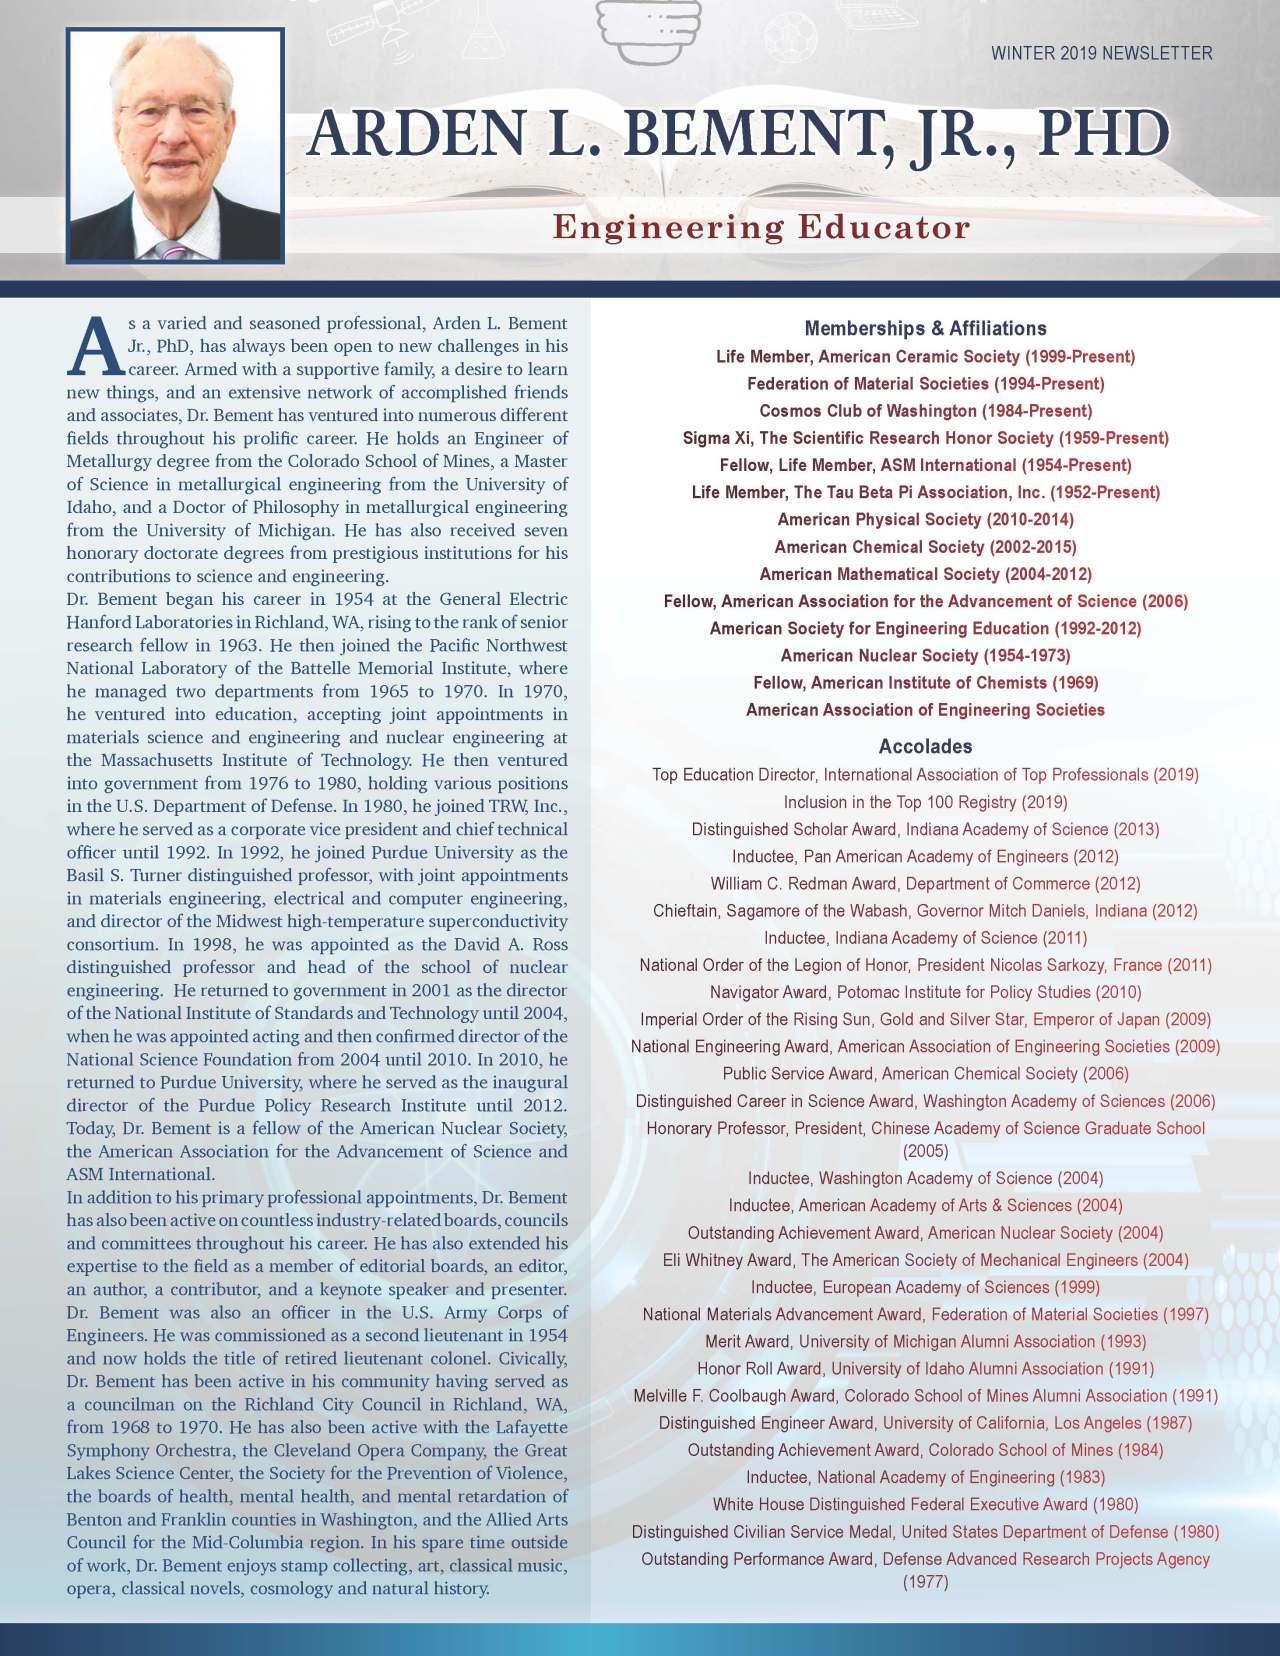 Bement, Arden 2139321_2245908 Newsletter REVISED.jpg